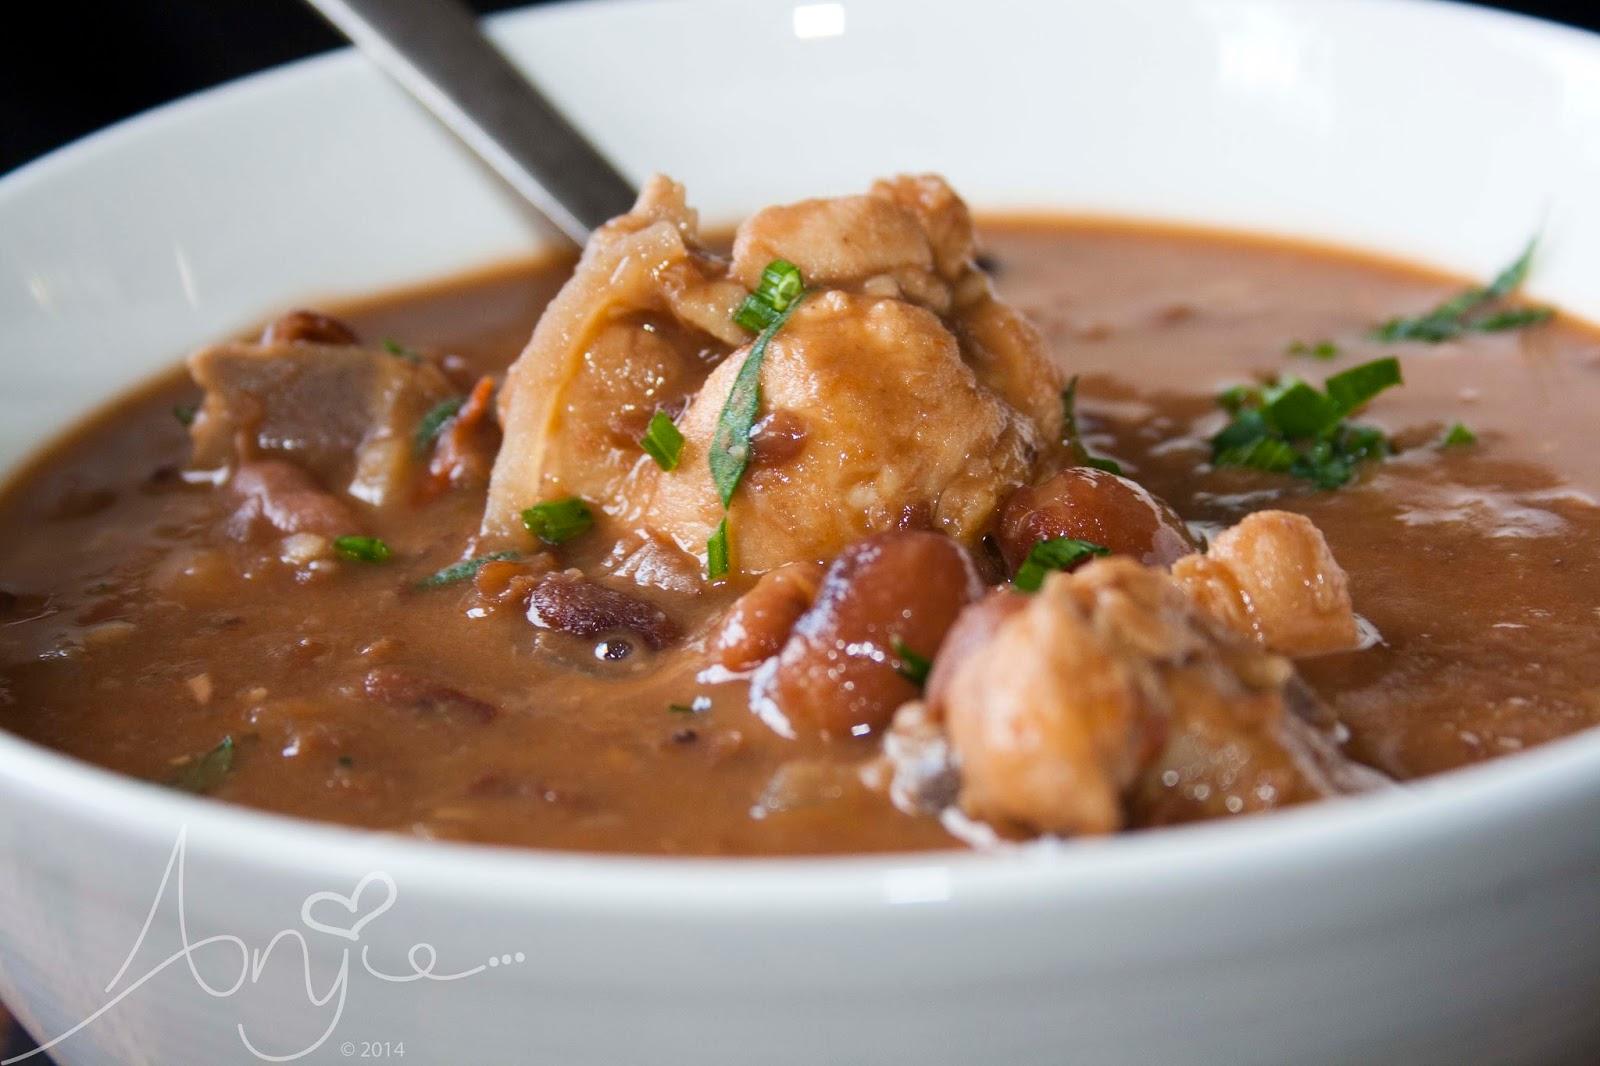 Surinames brown bean soup, bruine bonen soep, recept